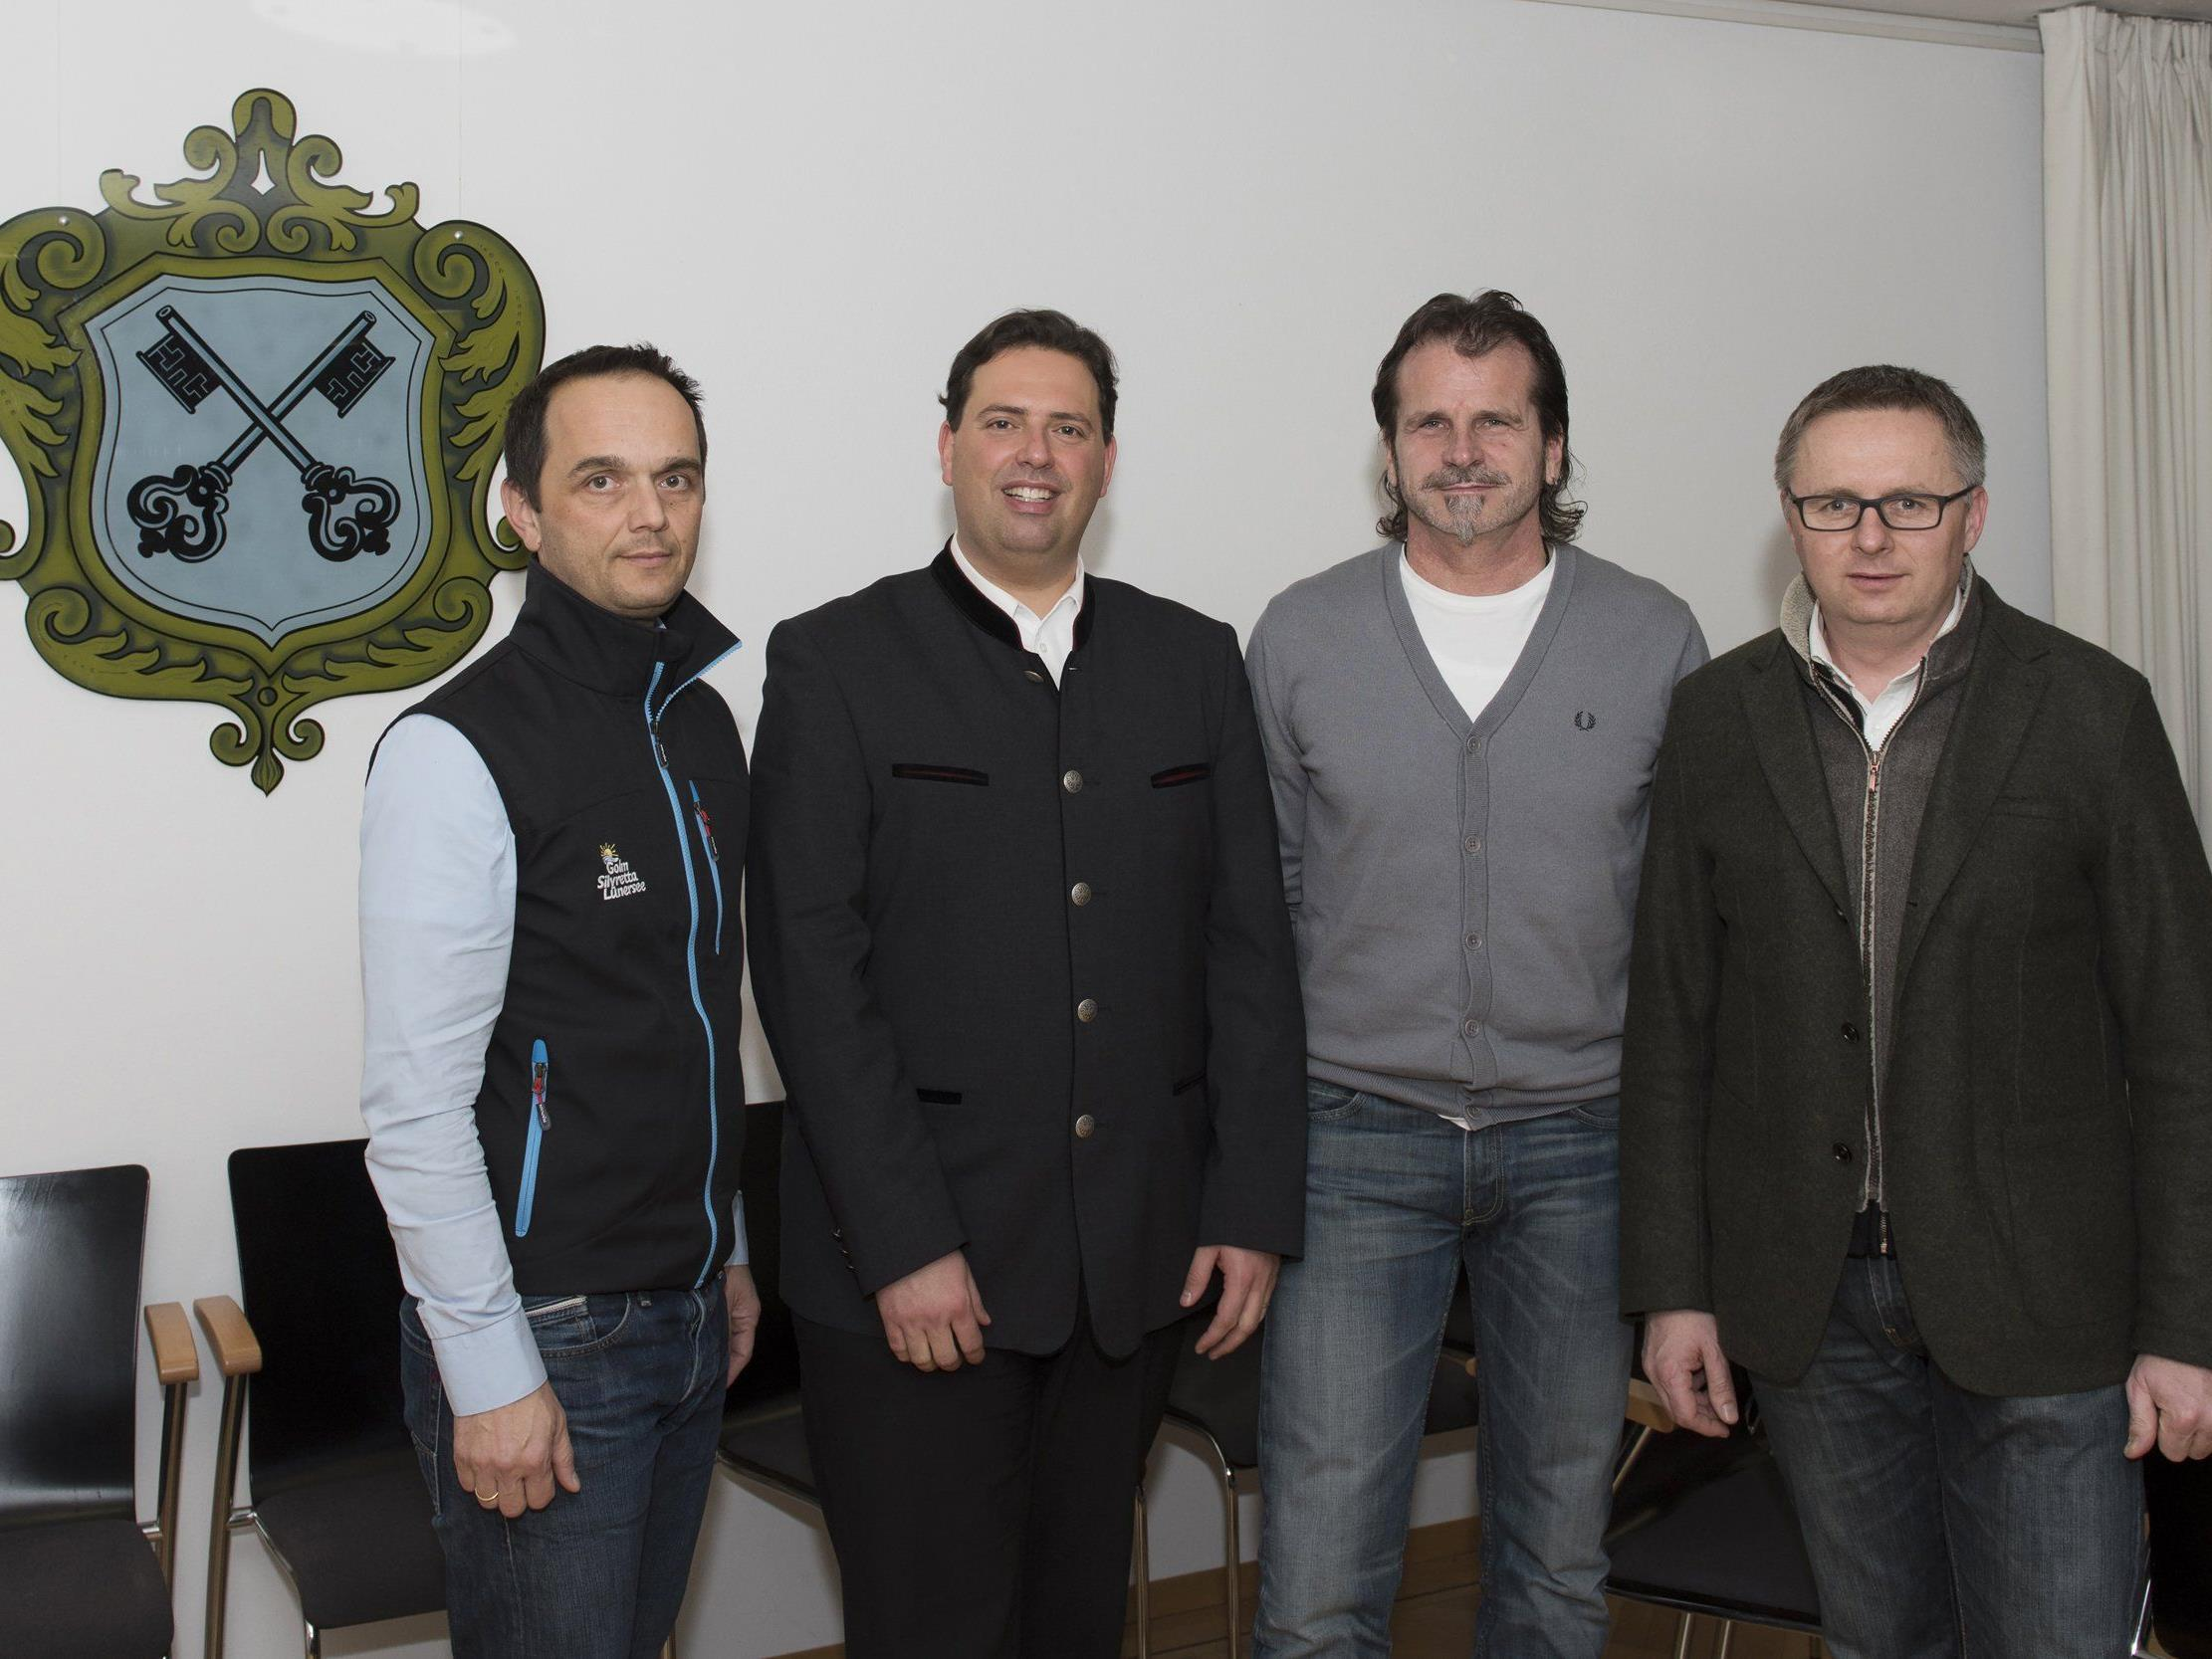 Die Aufsichtsräte Hannes Jochum, Geschäftsführer von Illwerke Tourismus AG, Herbert Bitschnau, Aufsichtsratsvorsitzender und Bürgermeister von Tschagguns, sowie Ewald Tschanhenz, Bürgermeister Gemeinde St. Gallenkirch, (v.l.n.r) zusammen mit Manuel Bitschnau, MBA, Geschäftsführer von Montafon Tourismus (2.v.l), bei der Vertragsunterzeichnung.